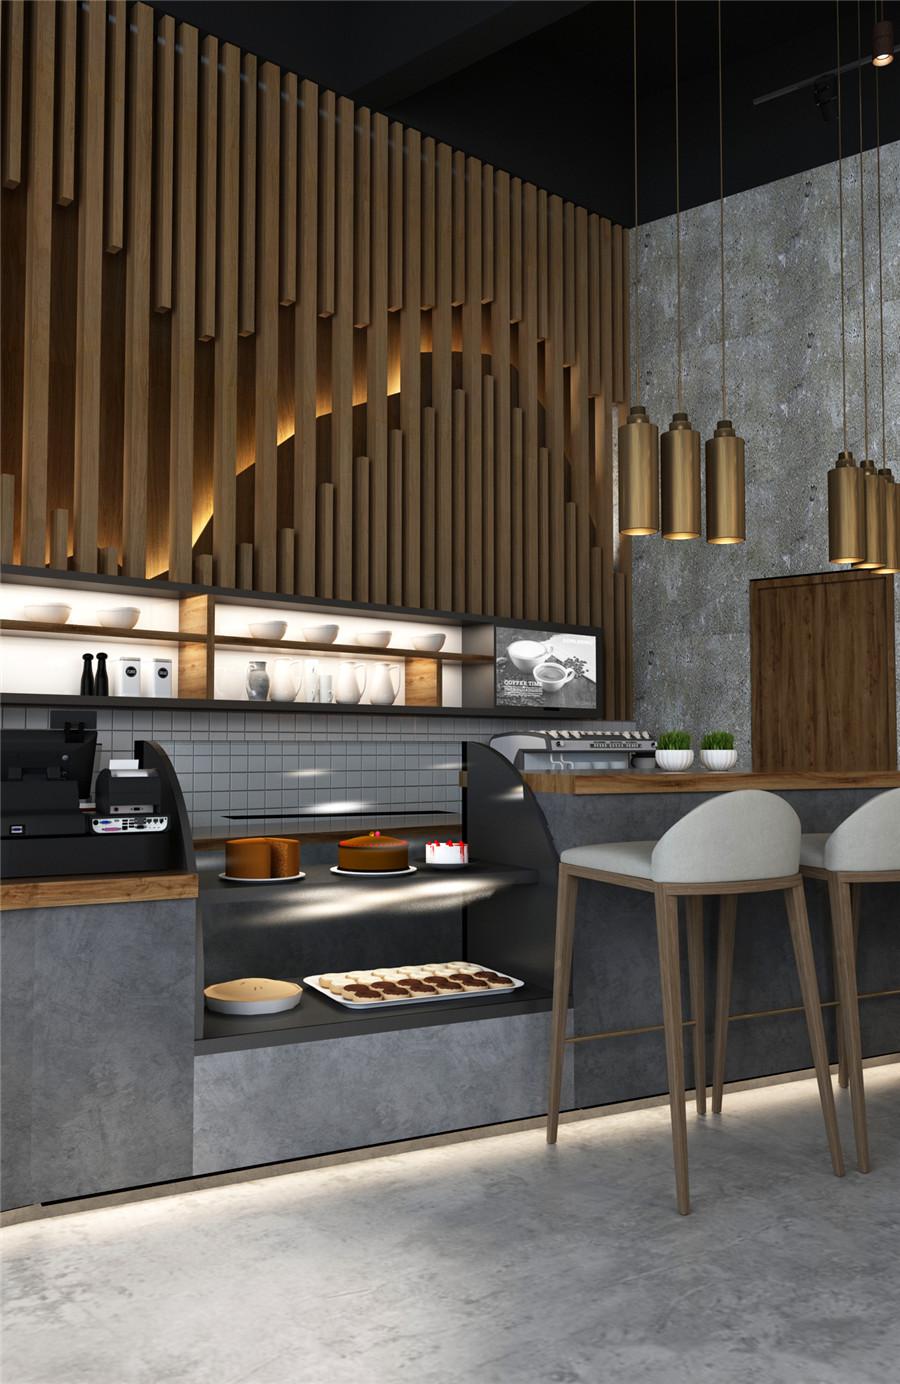 工业风格咖啡厅装修效果图